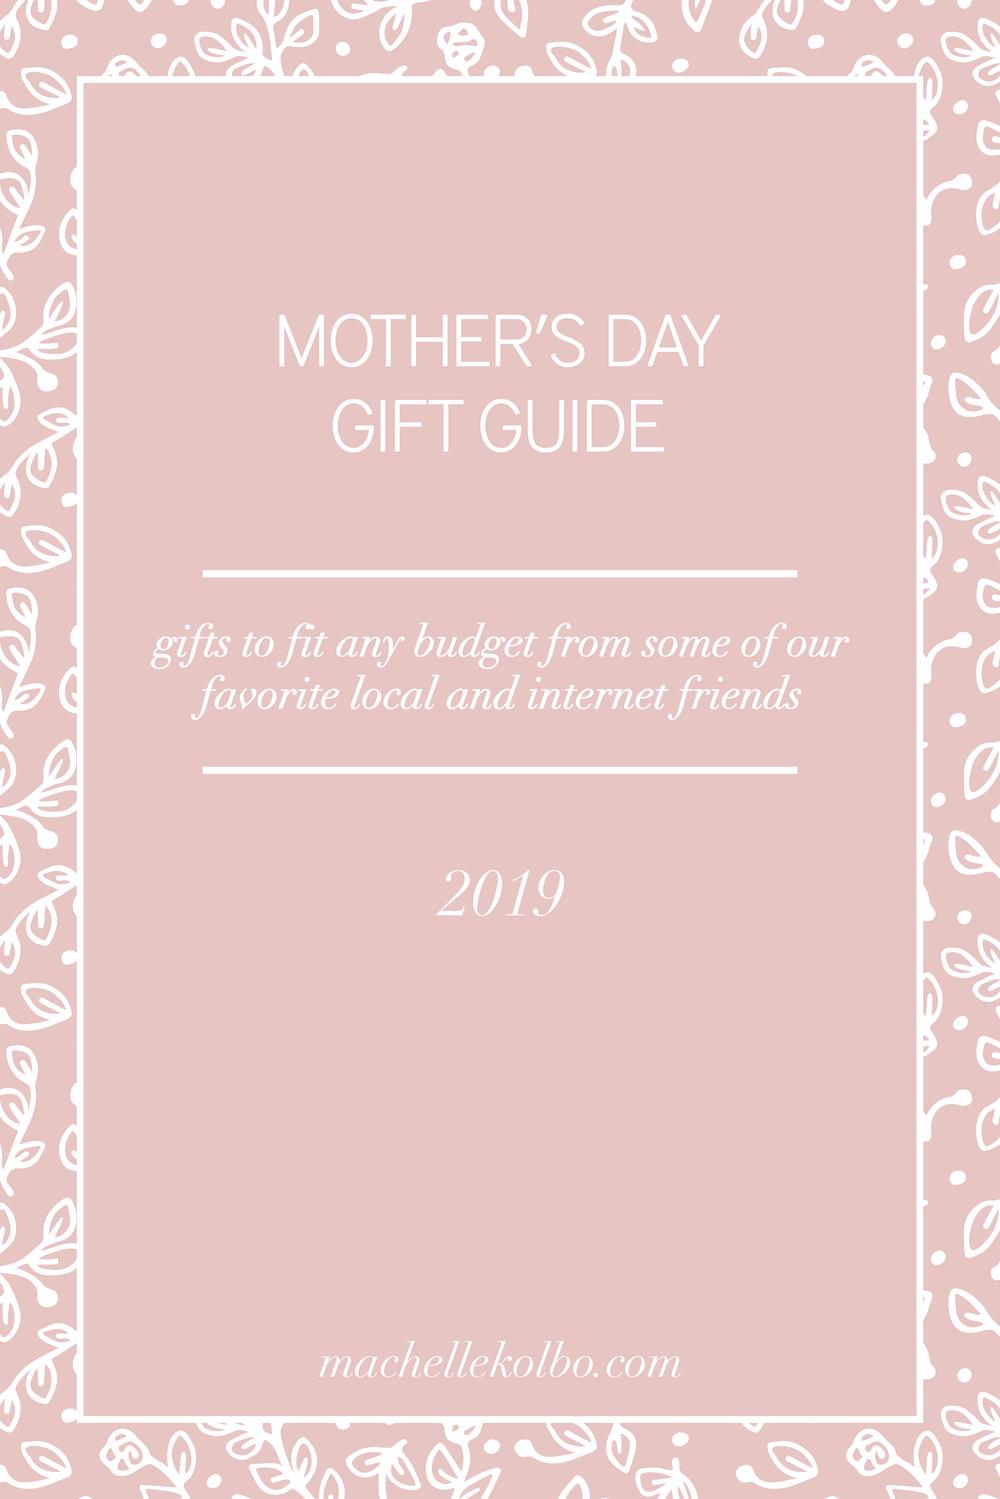 Machelle Kolbo Design Studio | Mother's Day Gift Guide 2019